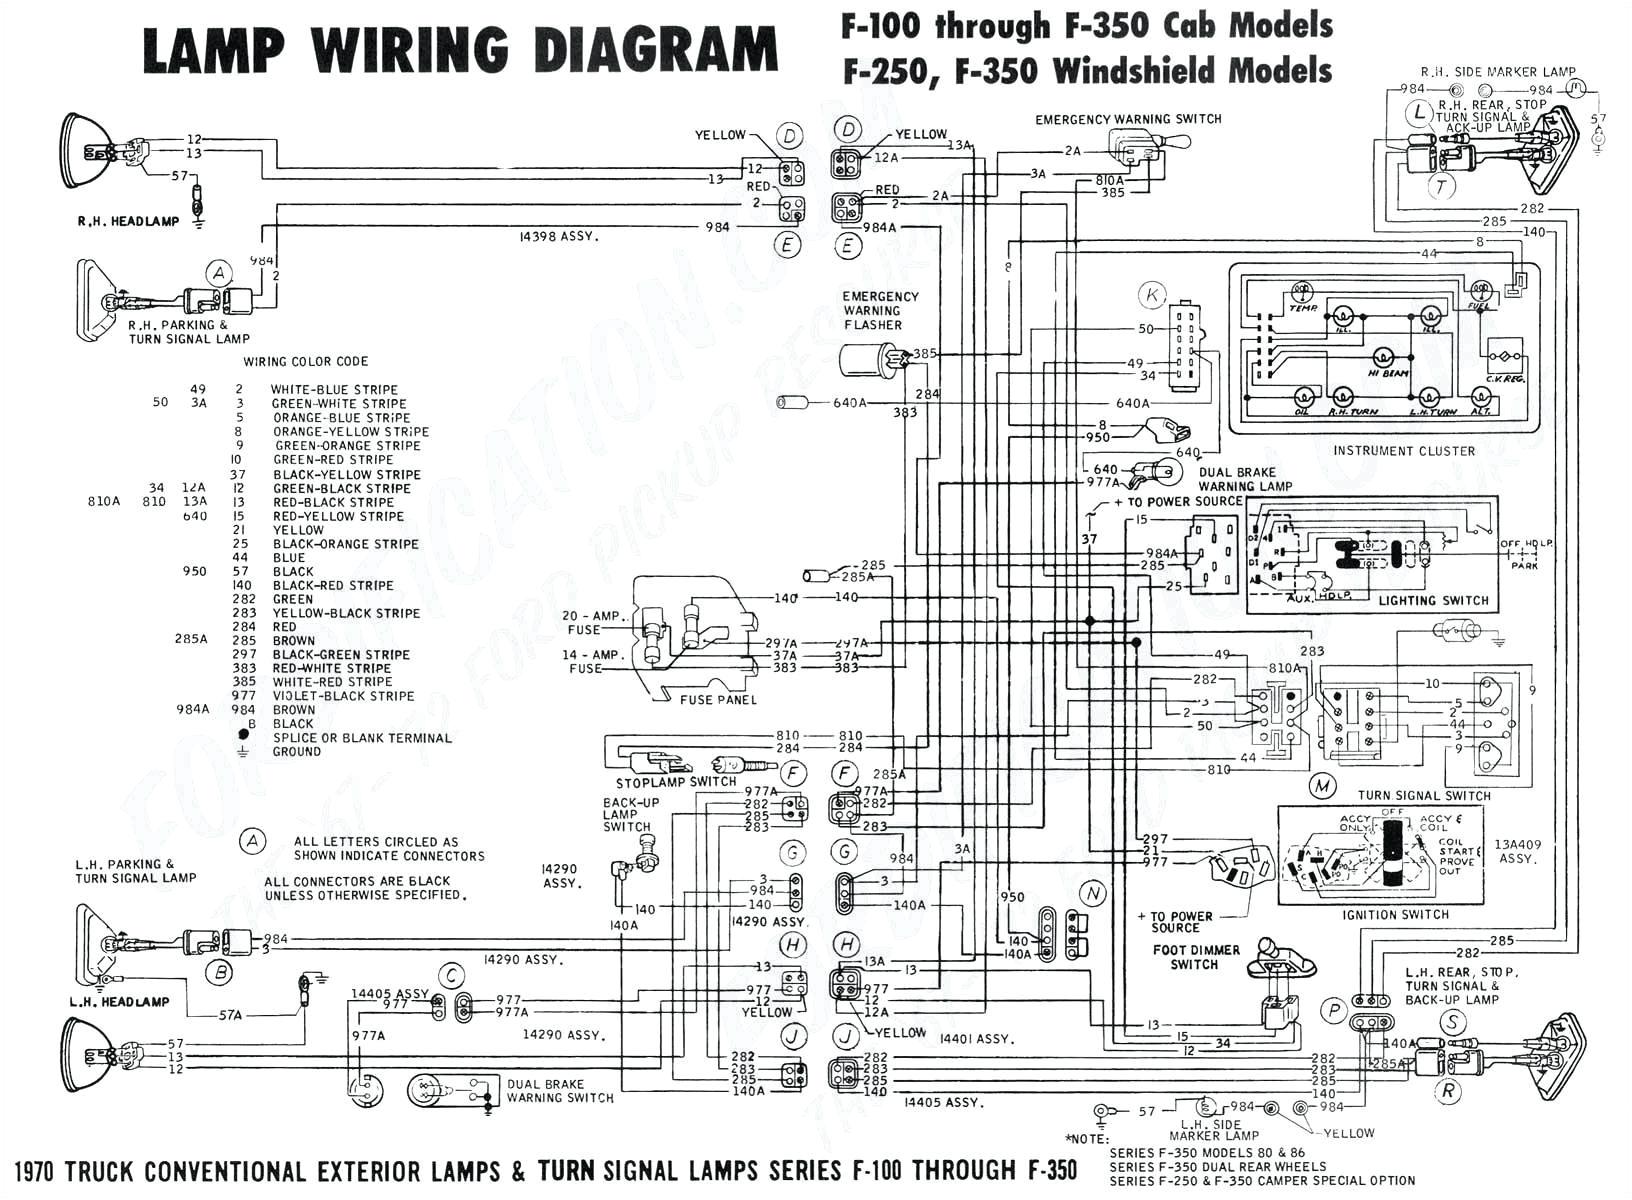 1991 johnson wiring harness diagram schematic wiring diagram 115 wire harness diagram wiring diagram technic 1991